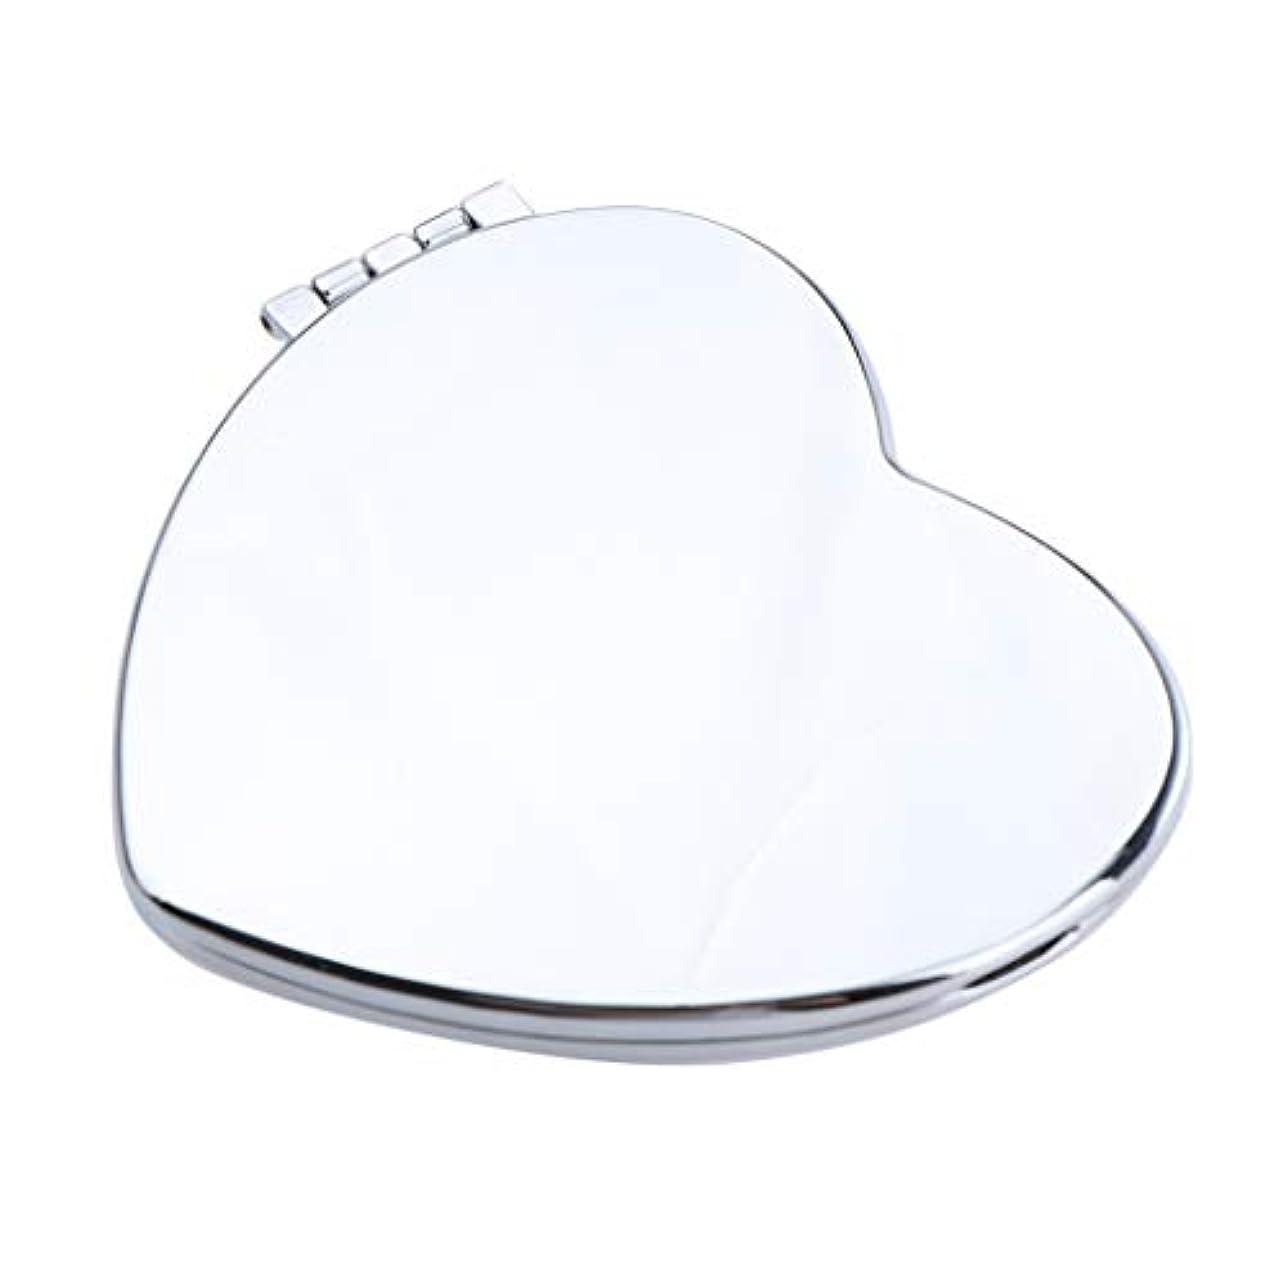 ドーム休日クローゼットポータブルポケットミラーコンパクトメイク化粧品ファッション虚栄心ミラー - ハート型